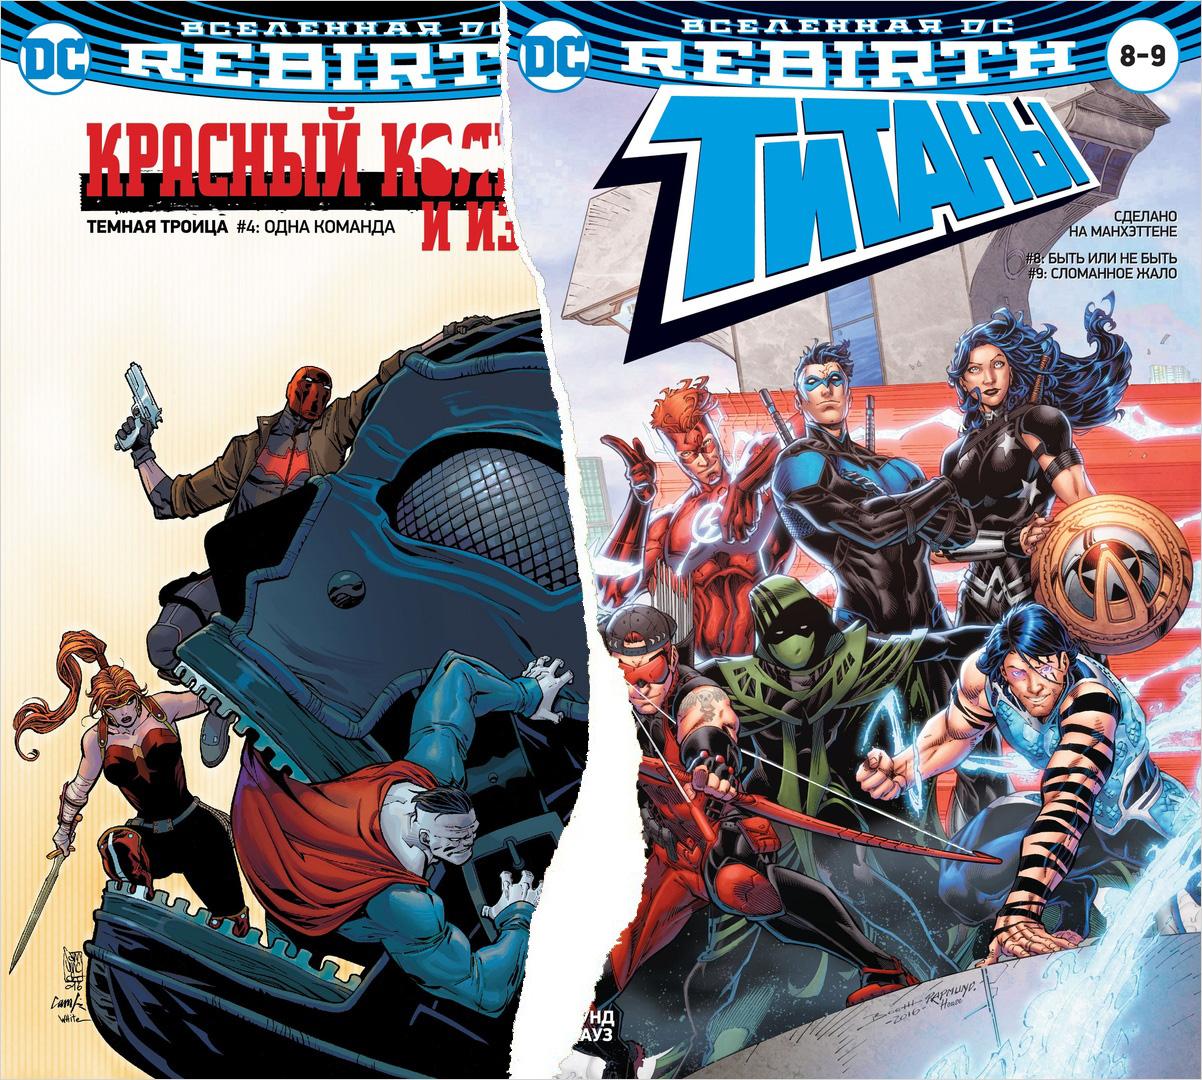 Комикс Вселенная DC Rebirth Титаны. Выпуск №8-9 / Красный колпак и Изгои. Выпуск №4 фото